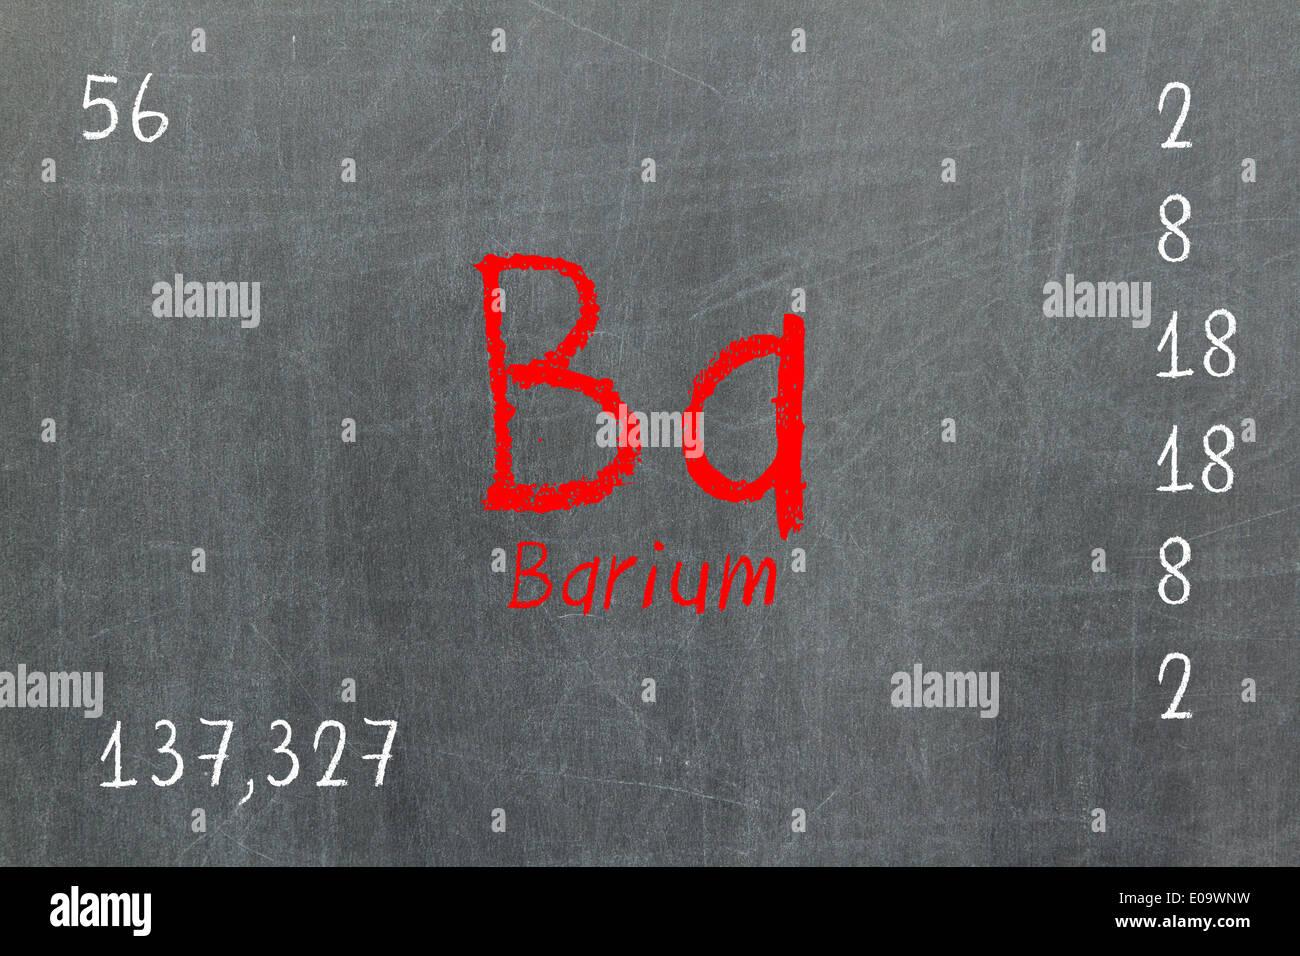 Barium Element Stock Photos Barium Element Stock Images Alamy